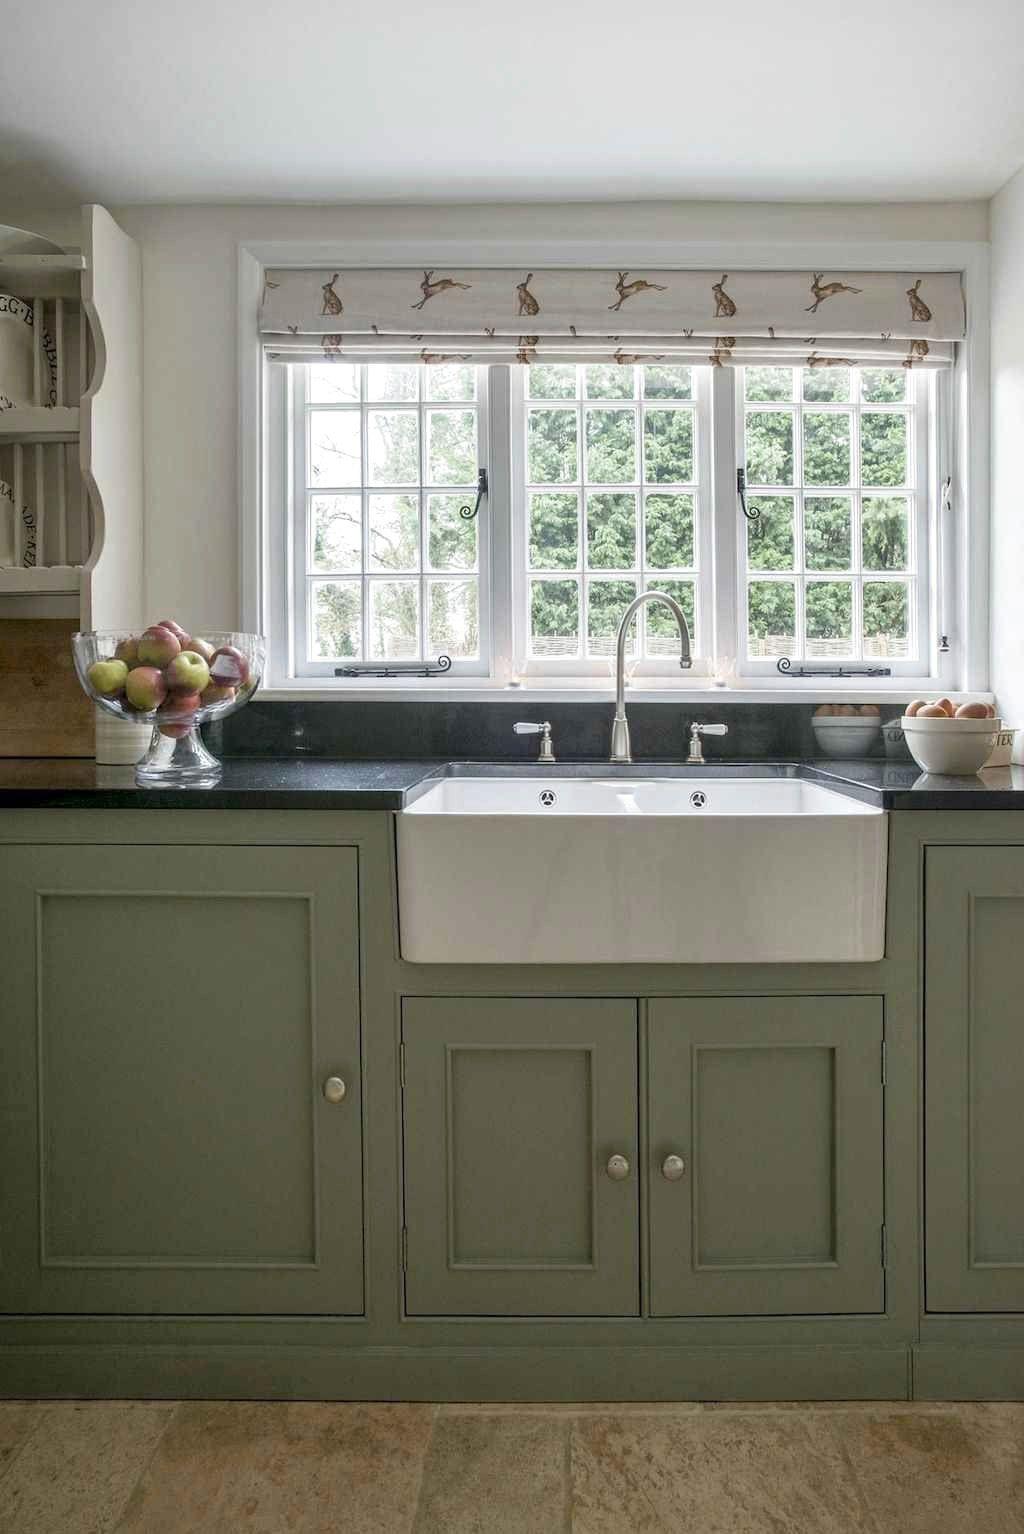 71 amazing farmhouse kitchen curtains decor ideas white kitchen decor farmhouse kitchen on farmhouse kitchen valance ideas id=94622